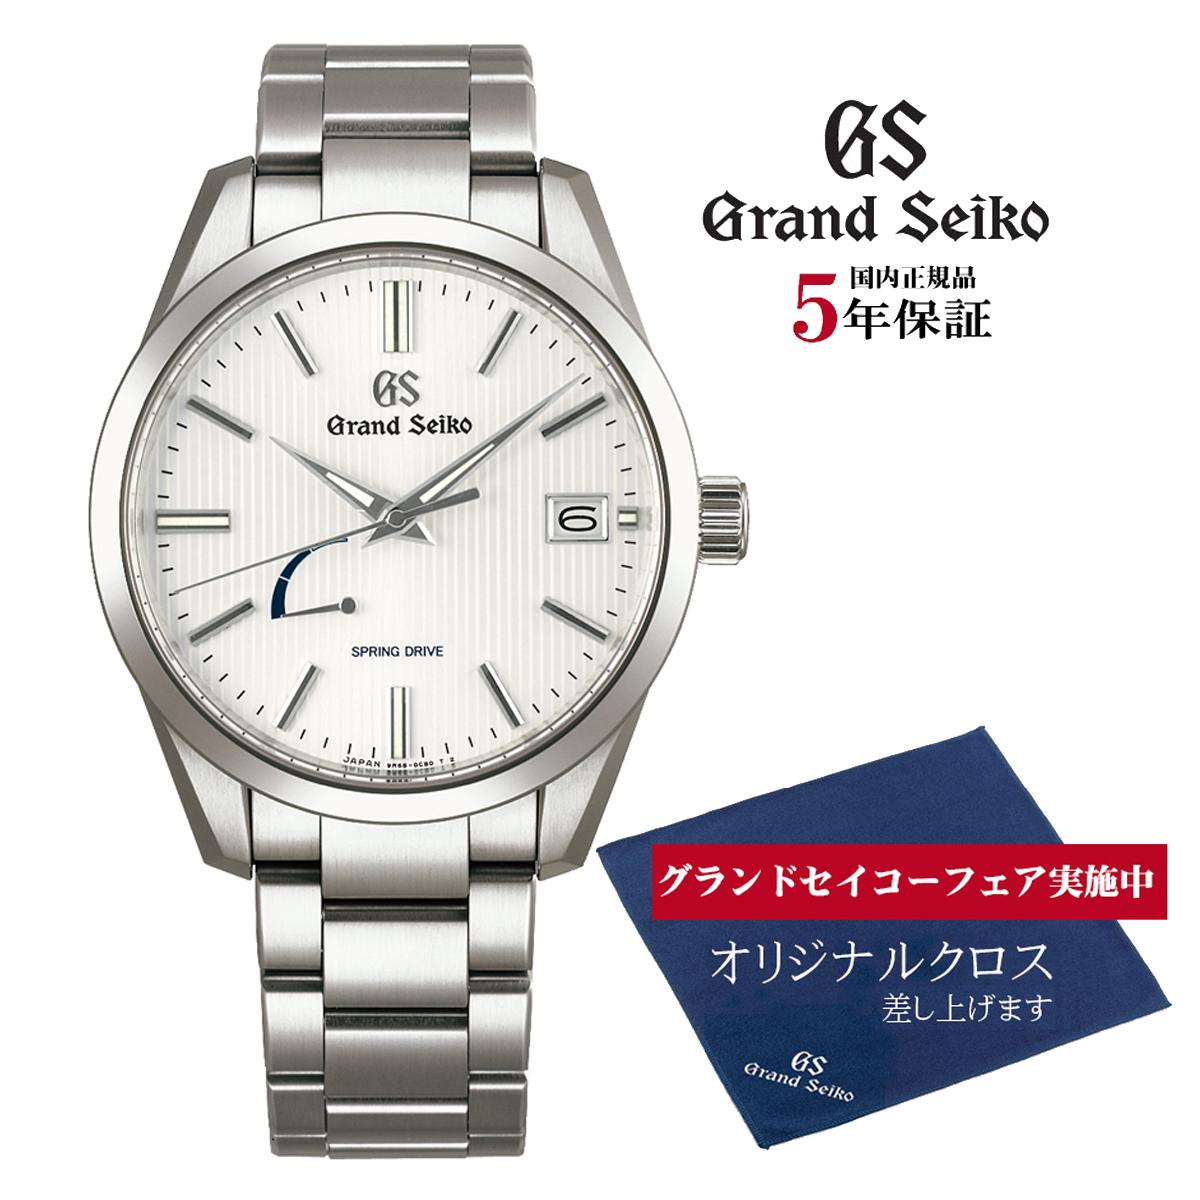 グランドセイコー Grand Seiko 正規メーカー保証3年 SBGA347 9Rスプリングドライブ ブライトチタンモデル 正規品 腕時計